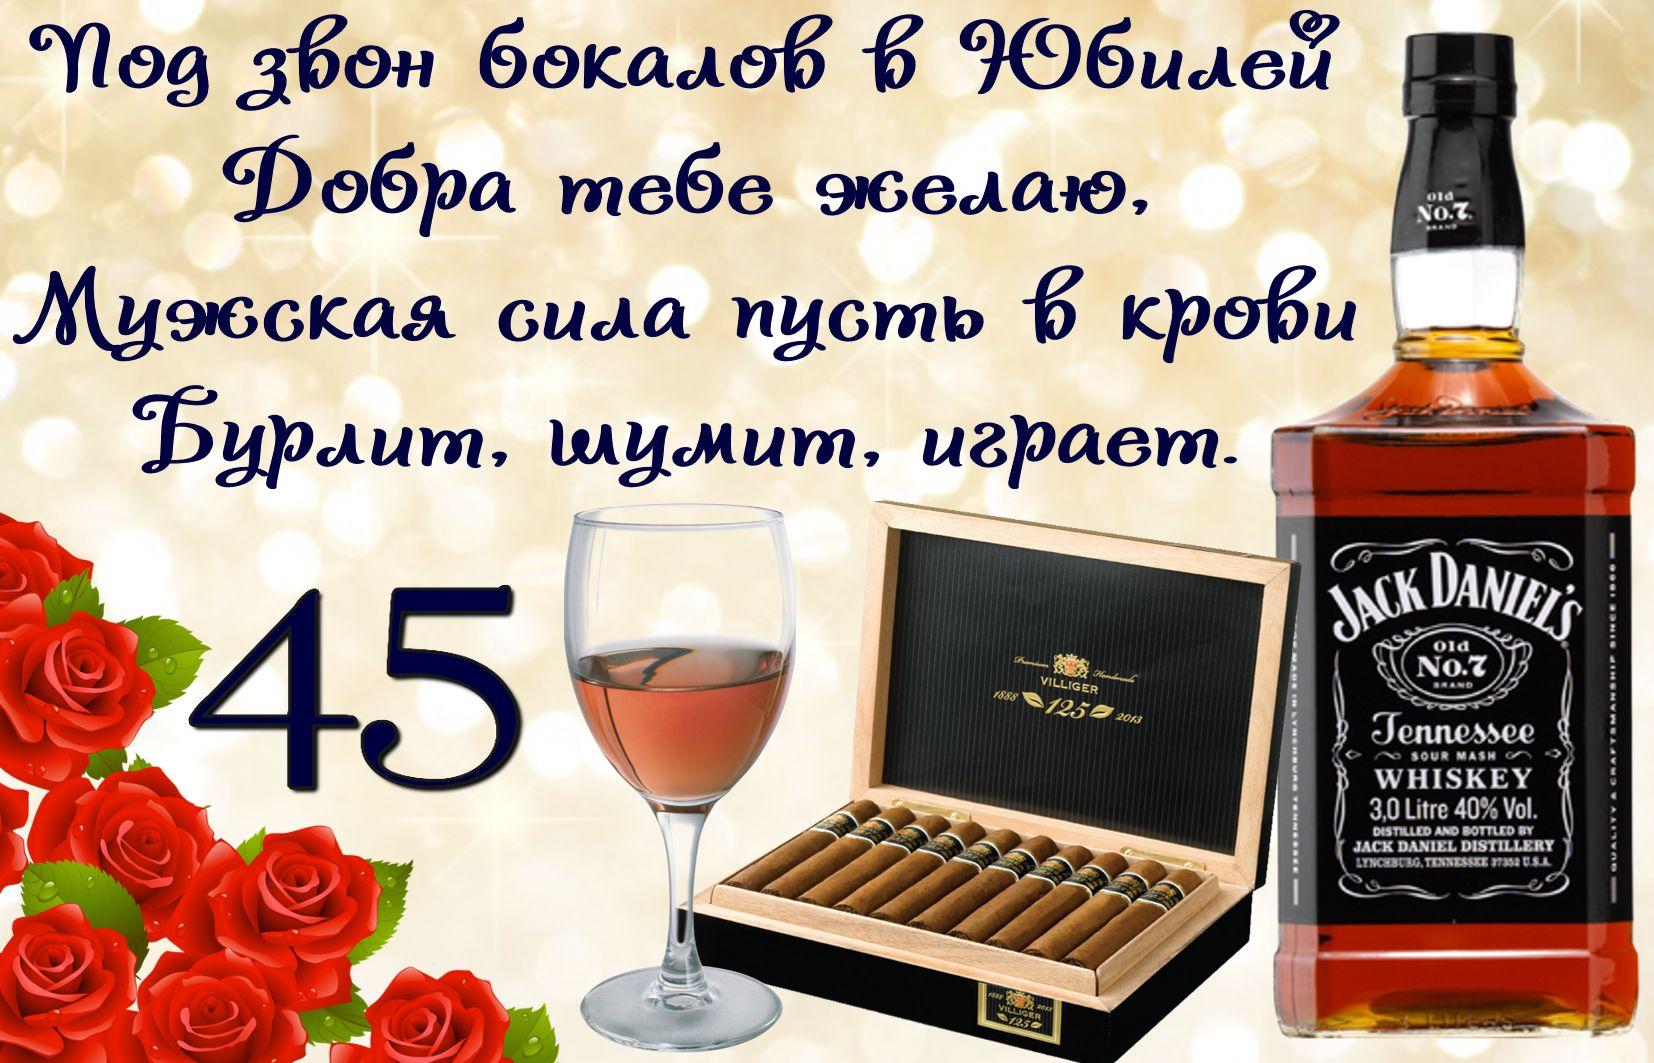 Поздравление на 45 лет диму